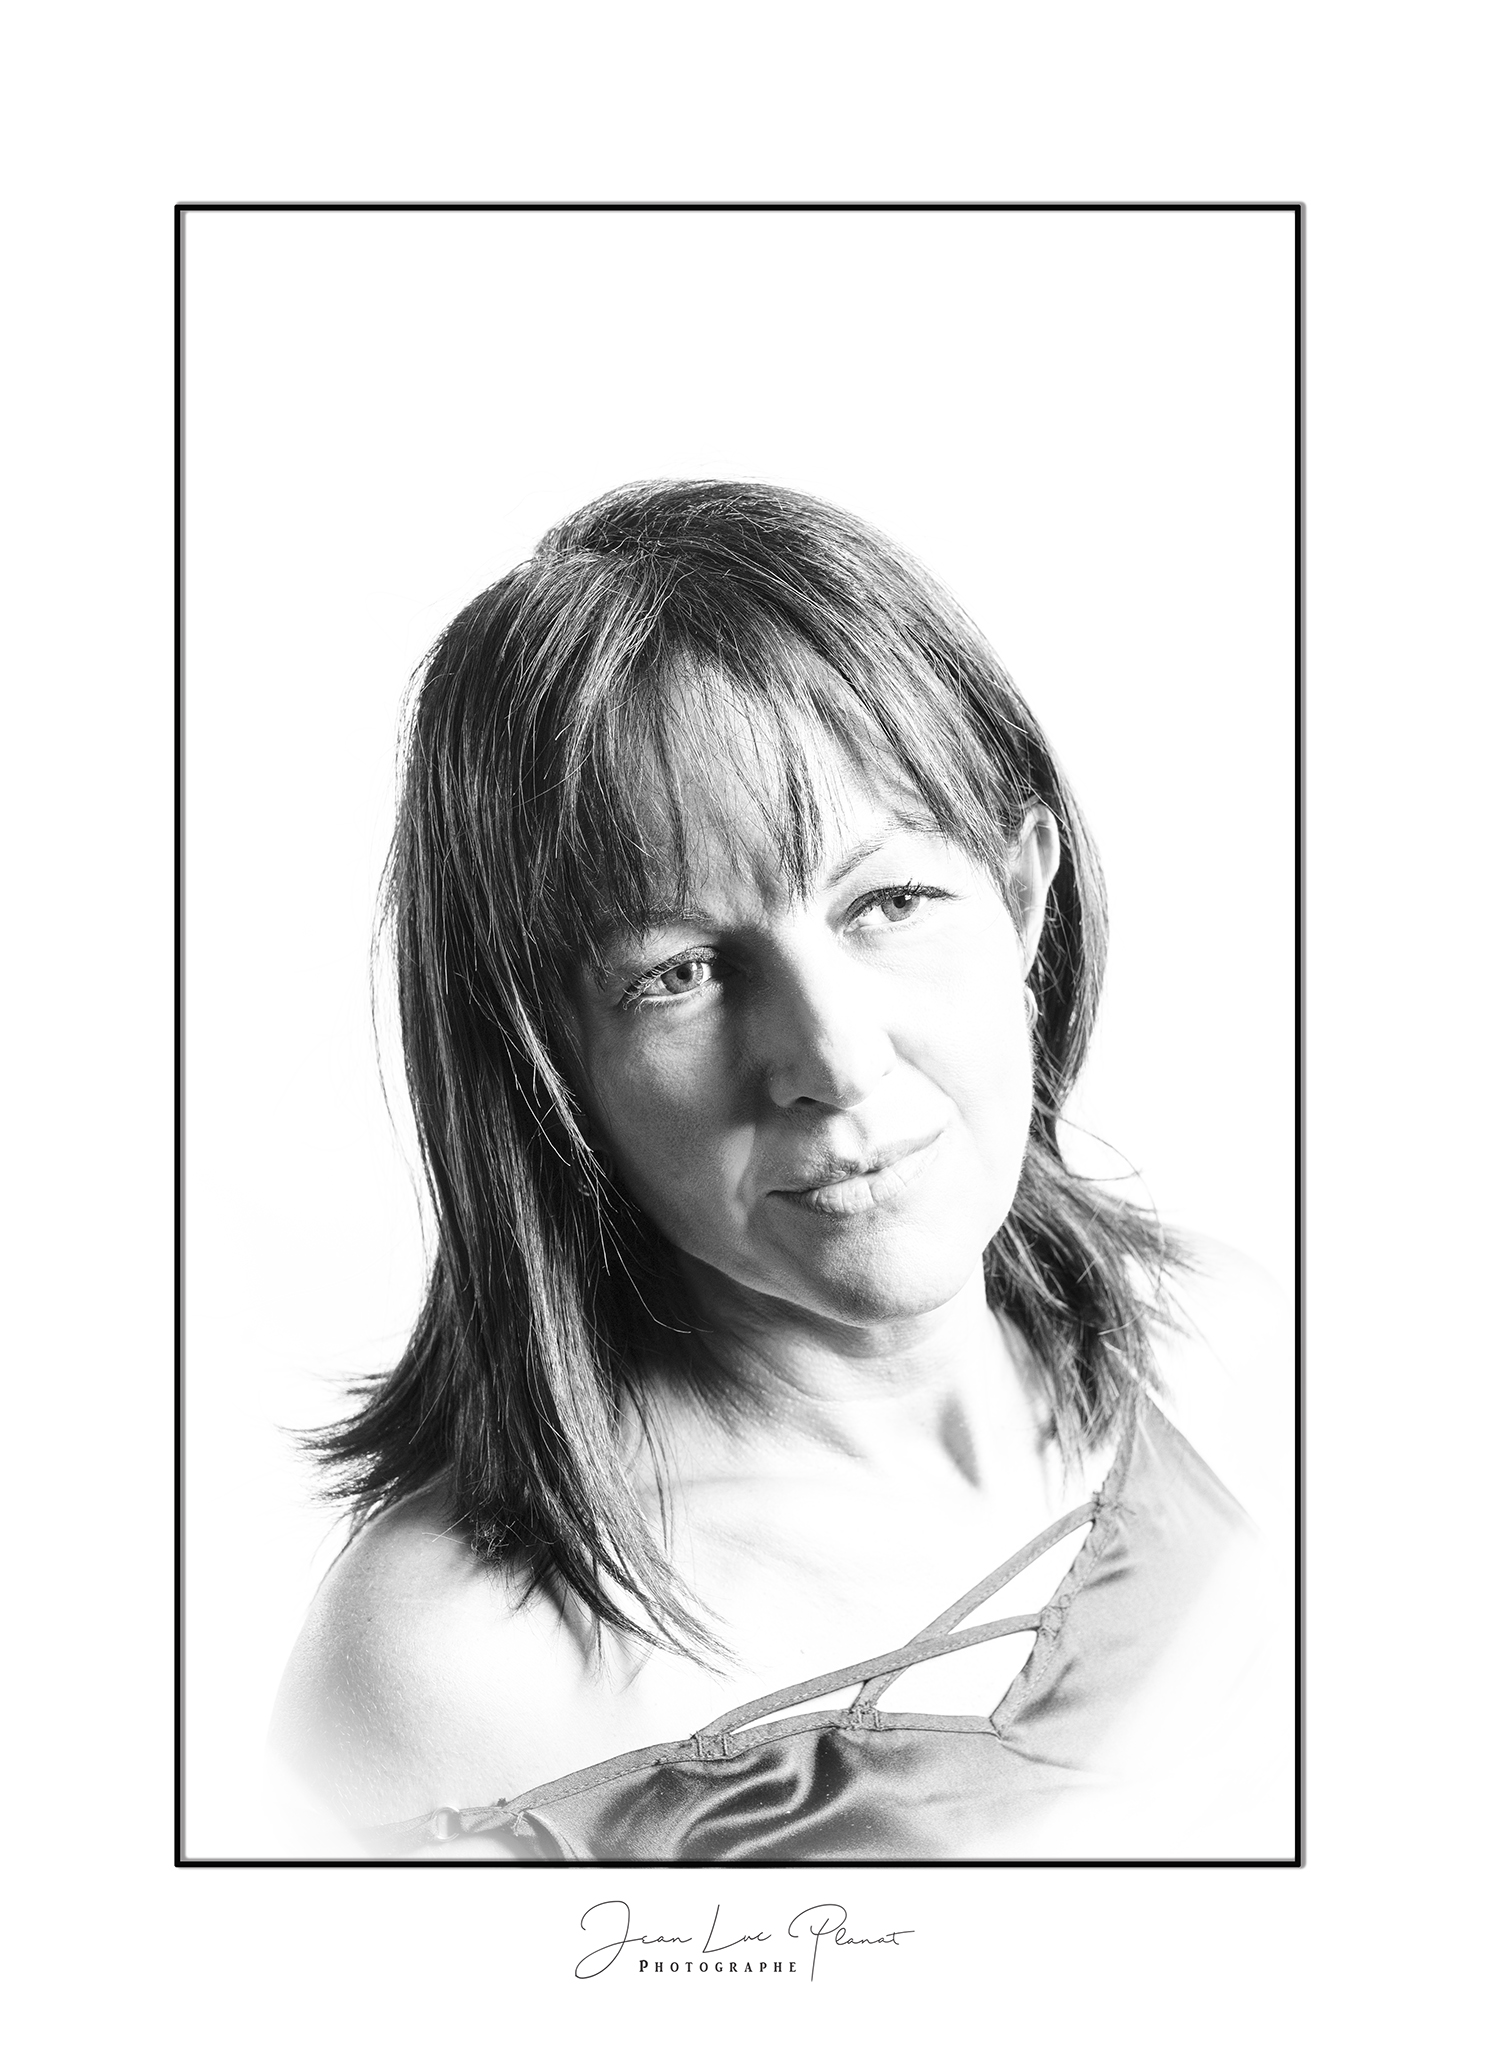 Jean-luc Planat photographe portrait Var